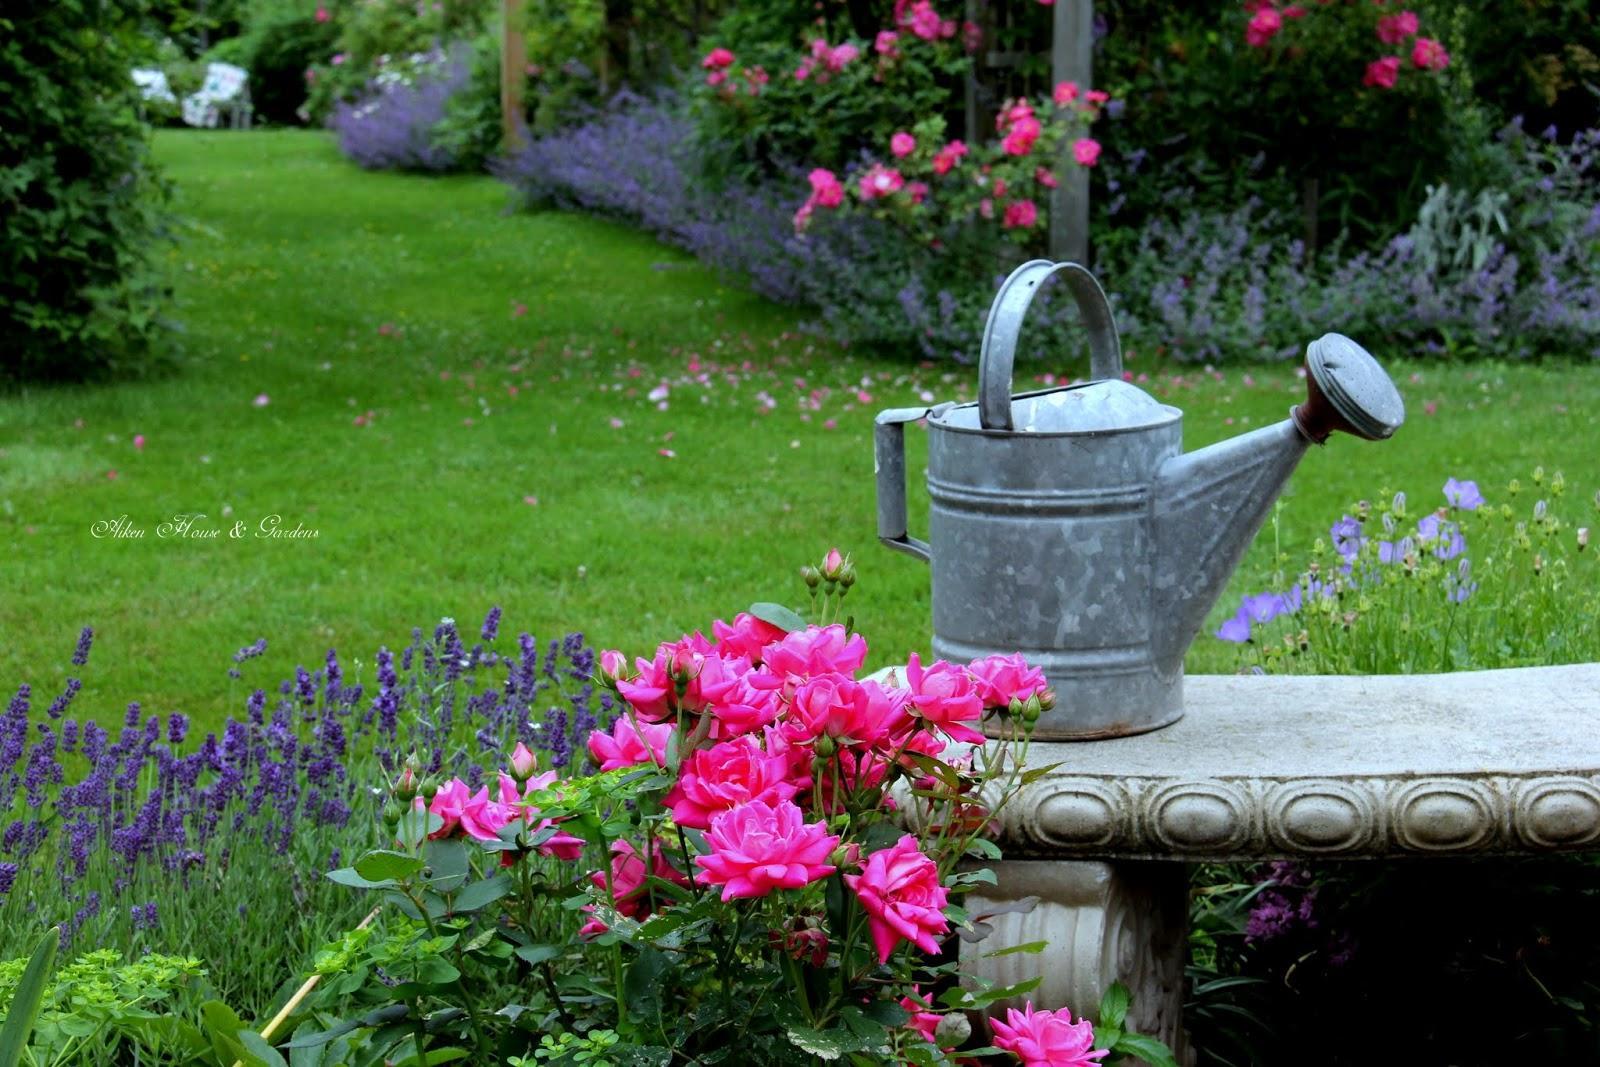 Záhrada,ktorá ťa nikdy neomrzí...divoká a krásna - Obrázok č. 98